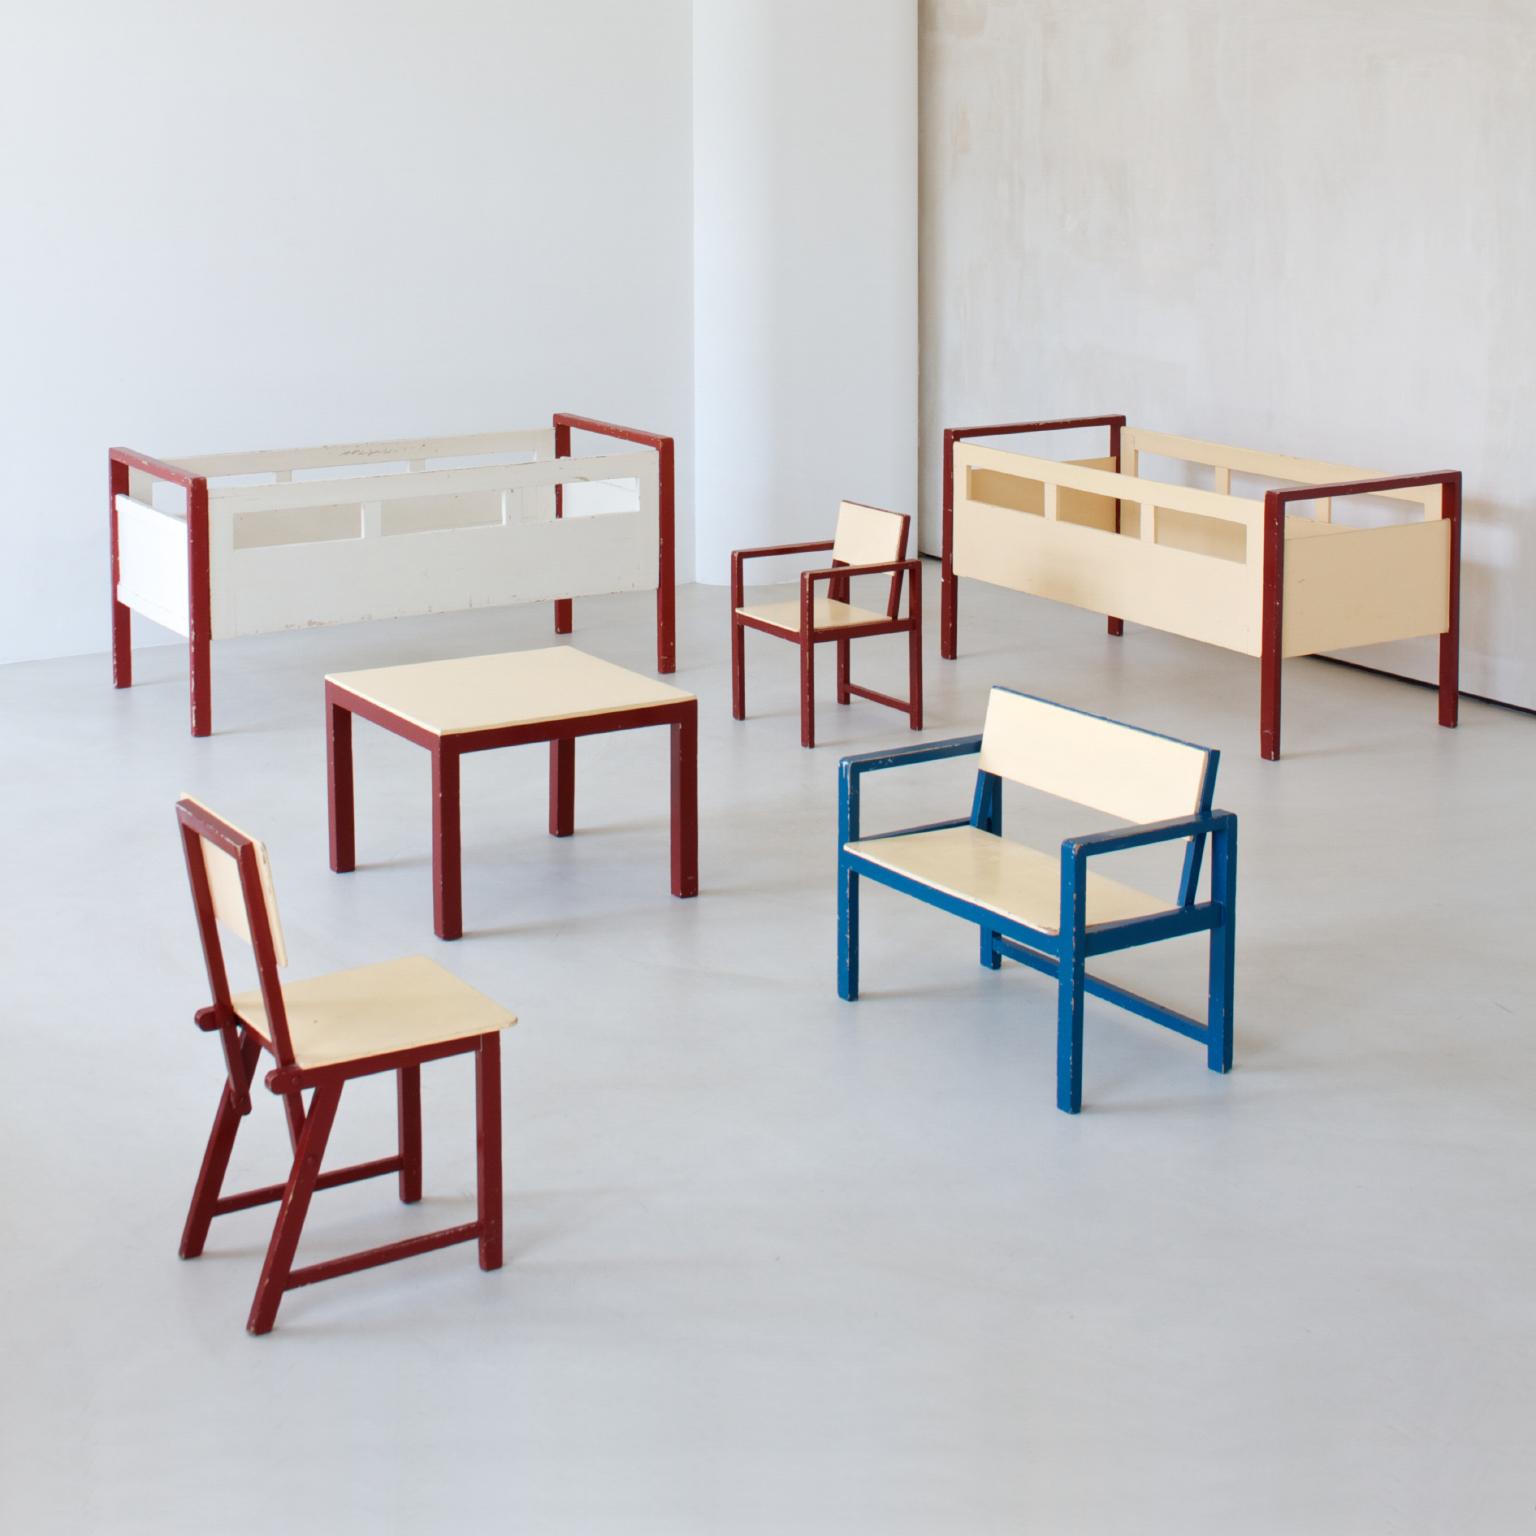 MODERN XX/ Erich Dieckmann - Kindermöbel/ Childrens furniture